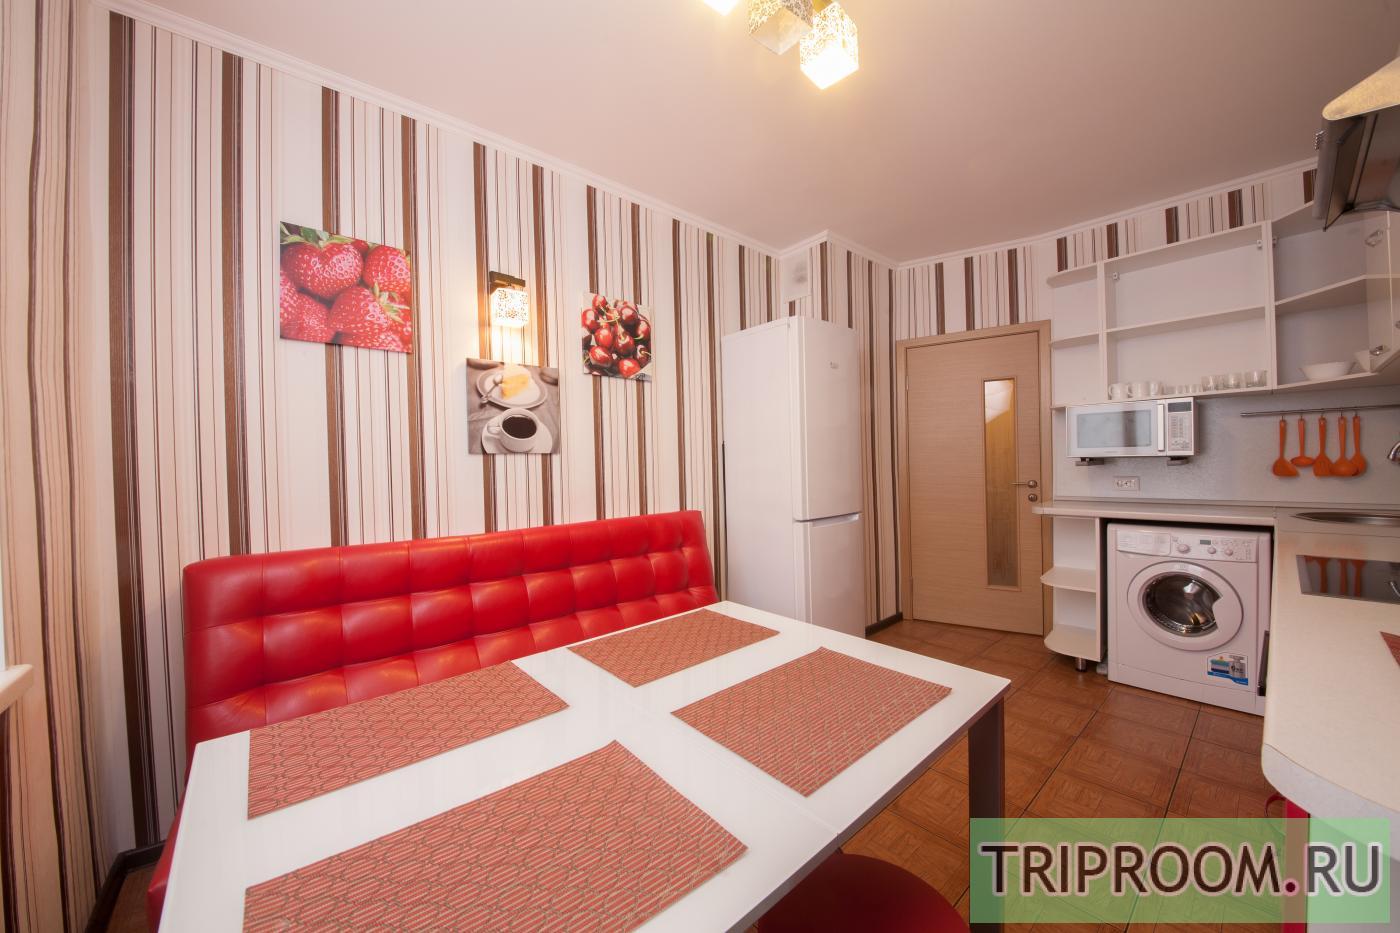 3-комнатная квартира посуточно (вариант № 12384), ул. Весны улица, фото № 3